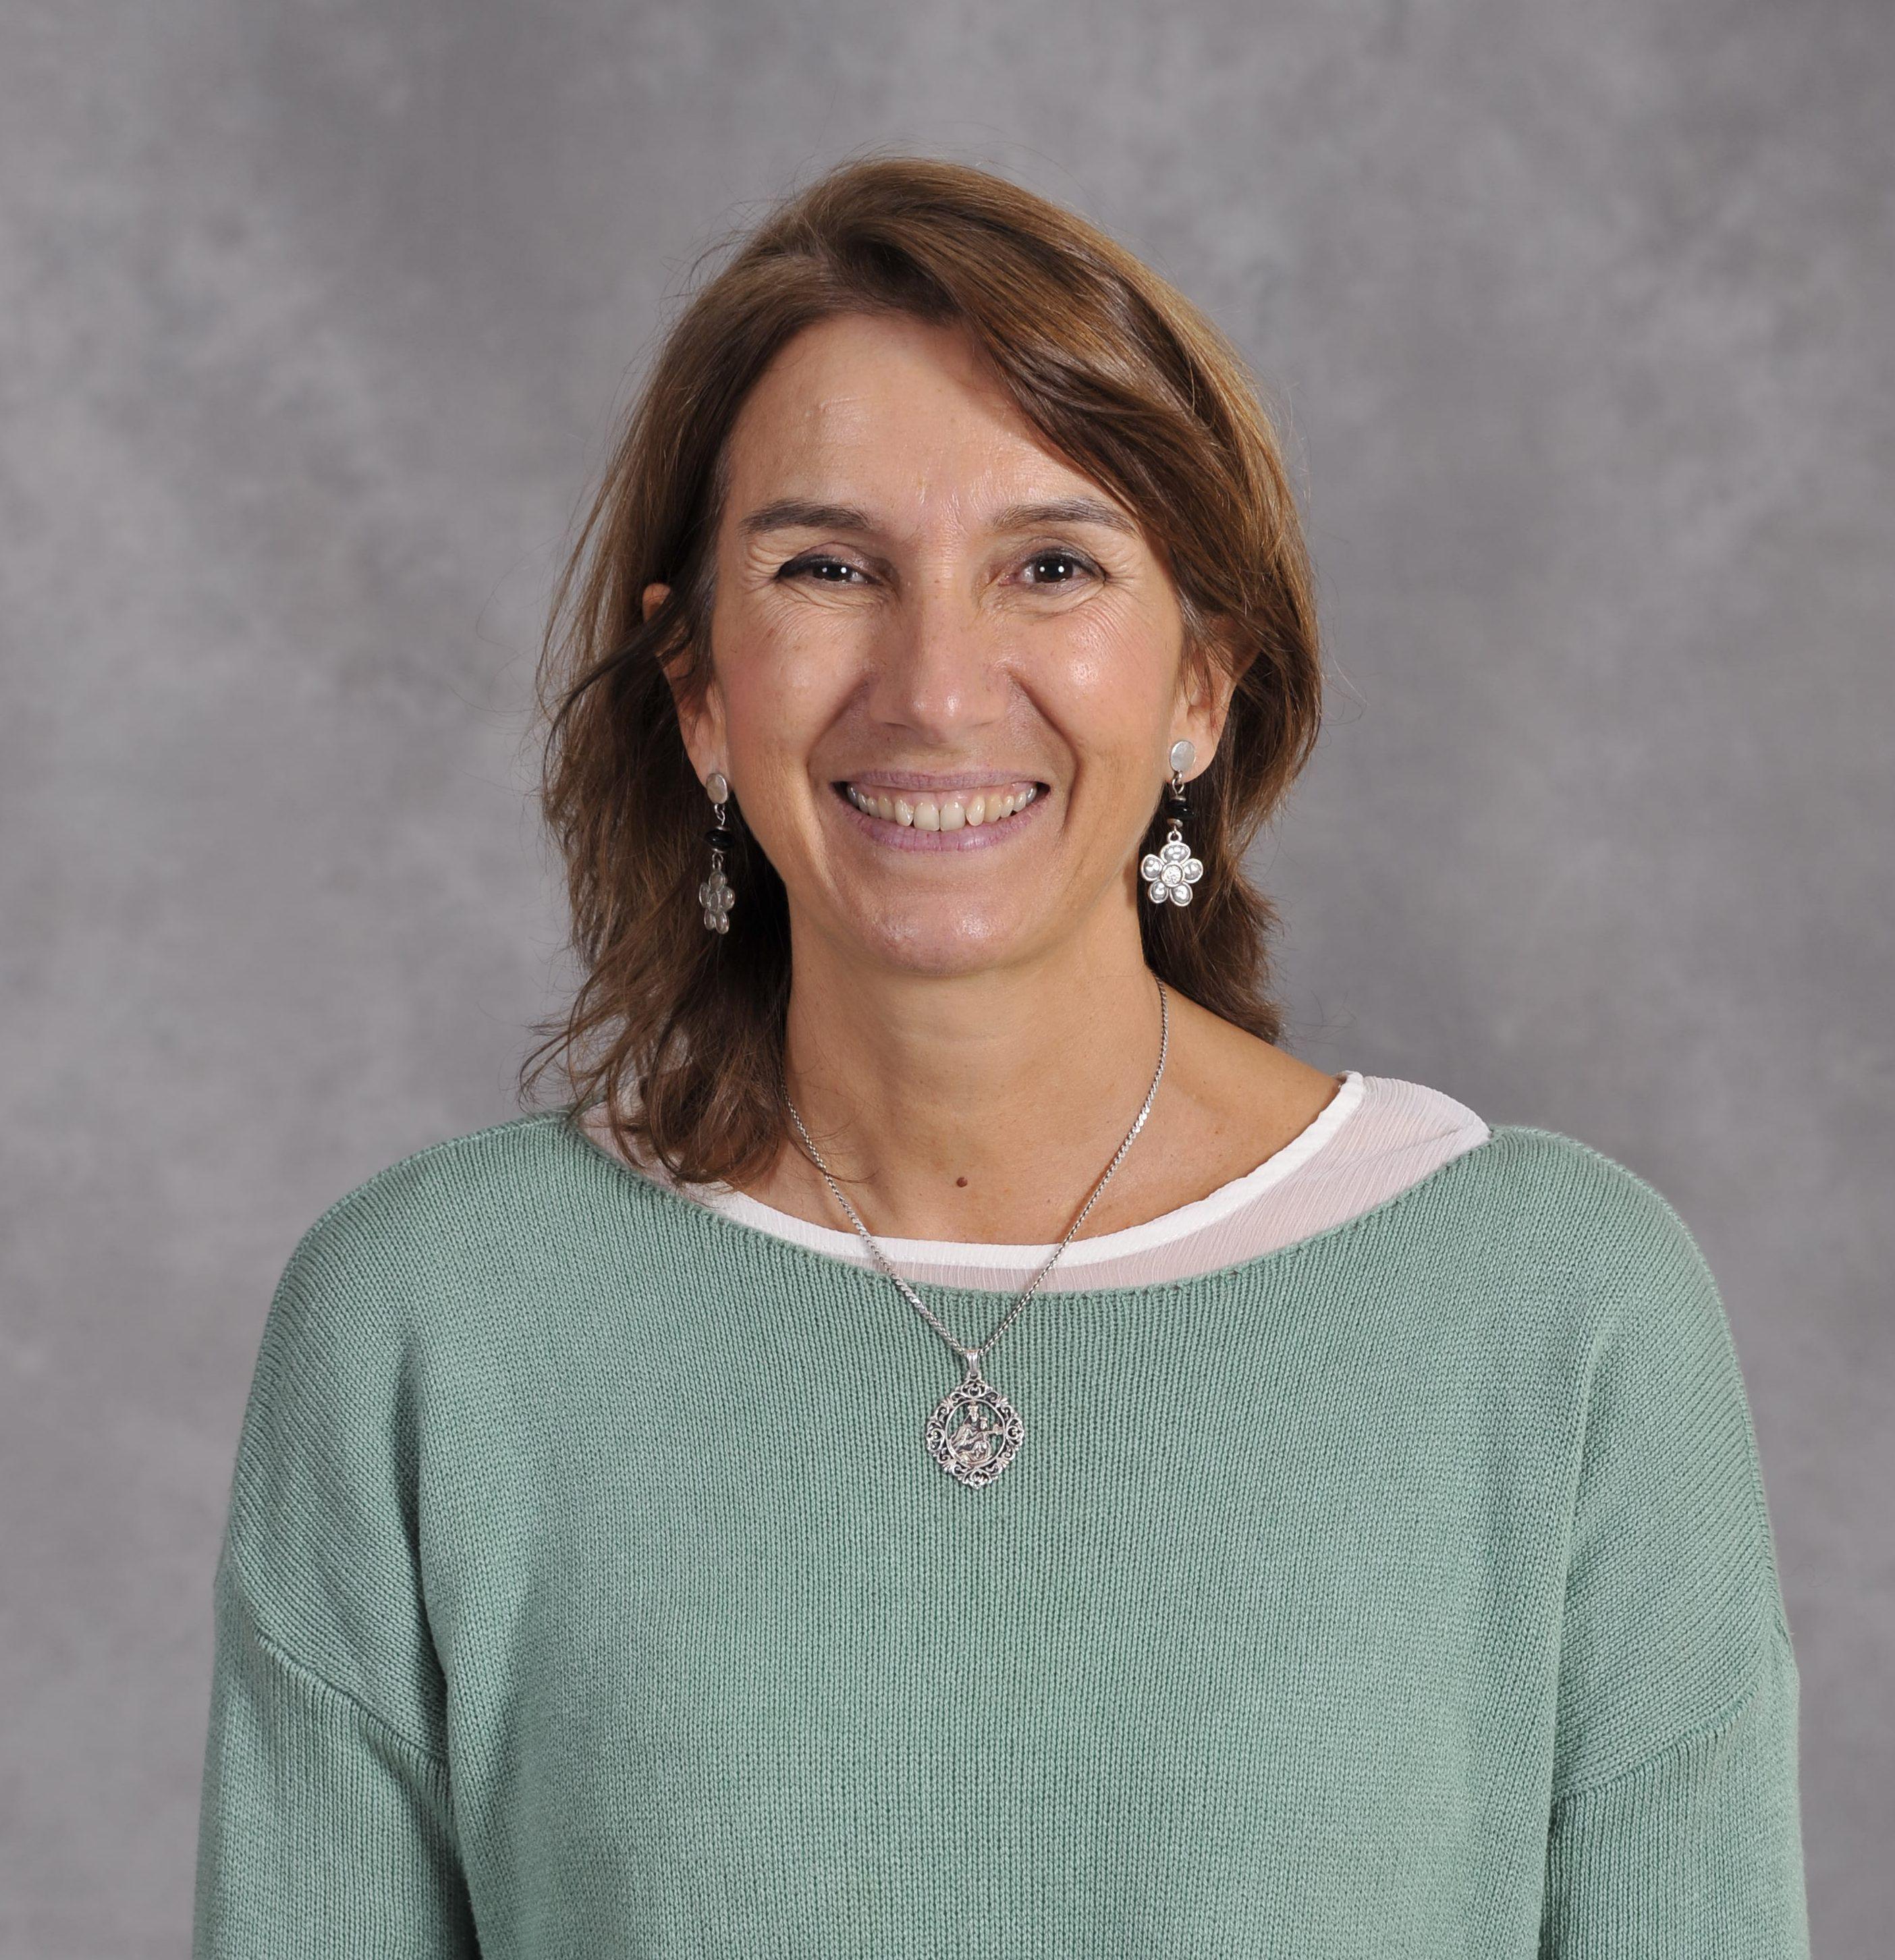 Clara Fontana, Directora Académica del Colegio Internacional Kolbe